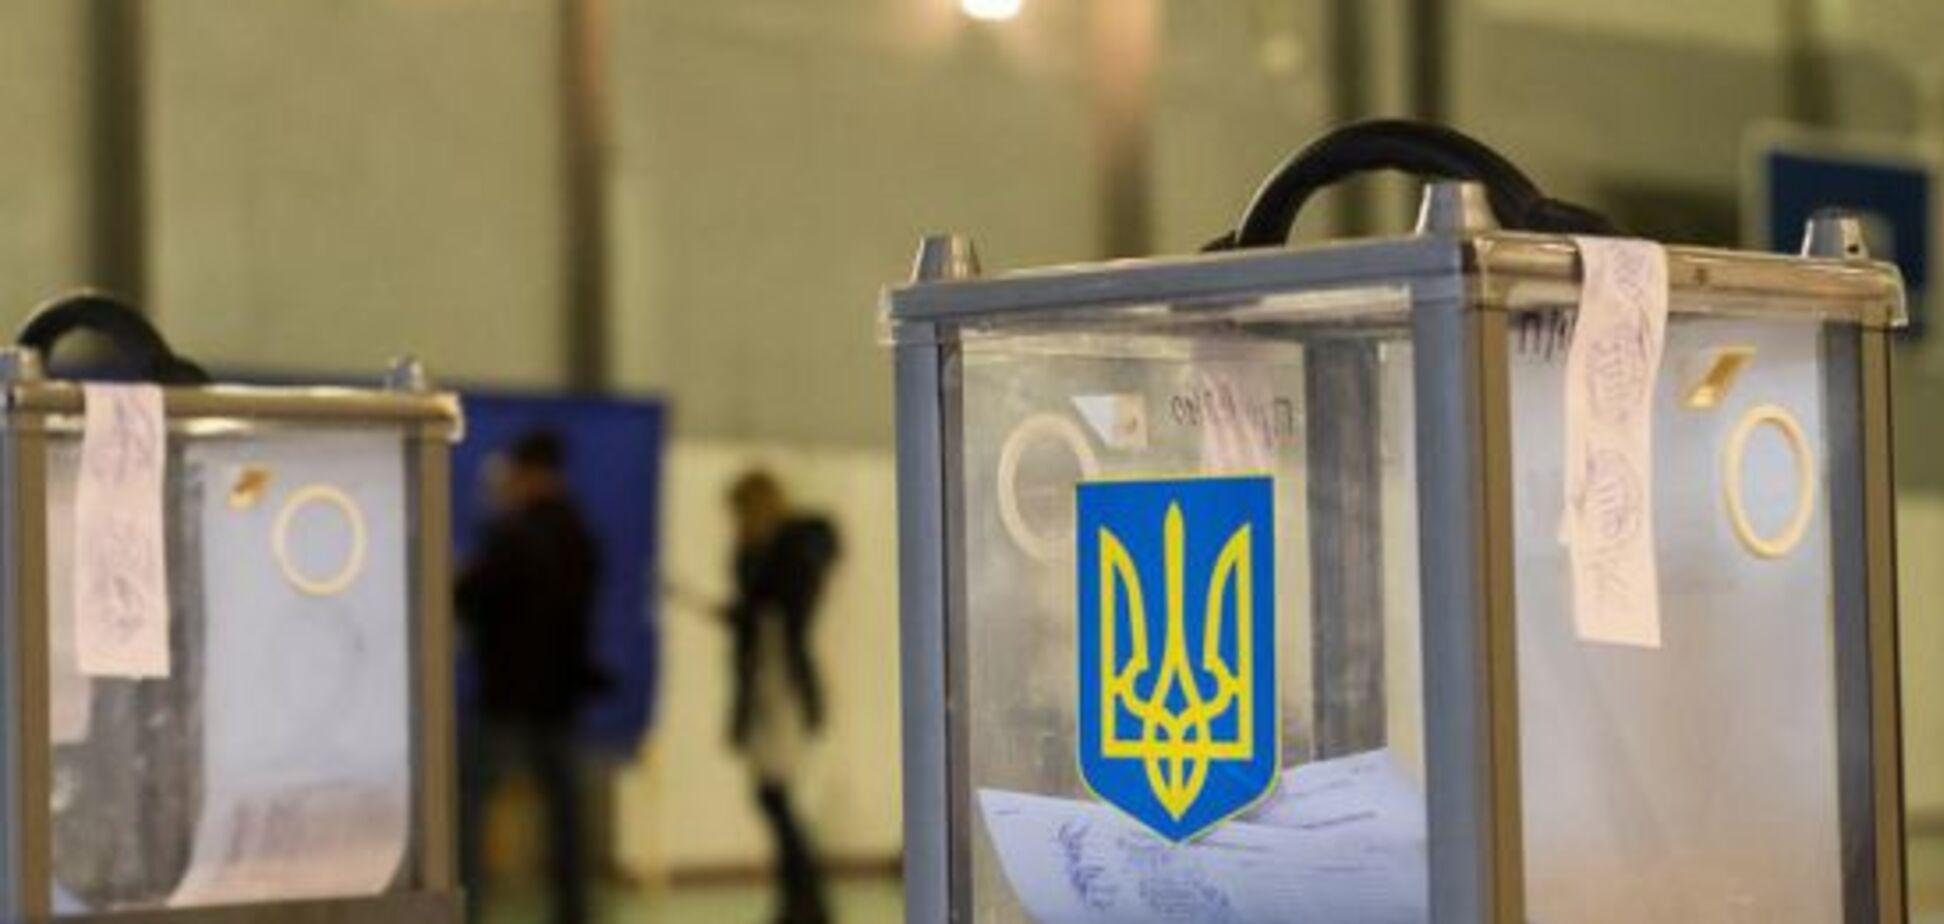 Президент от Кремля: Тымчук рассказал о планах России по выборам в Украине